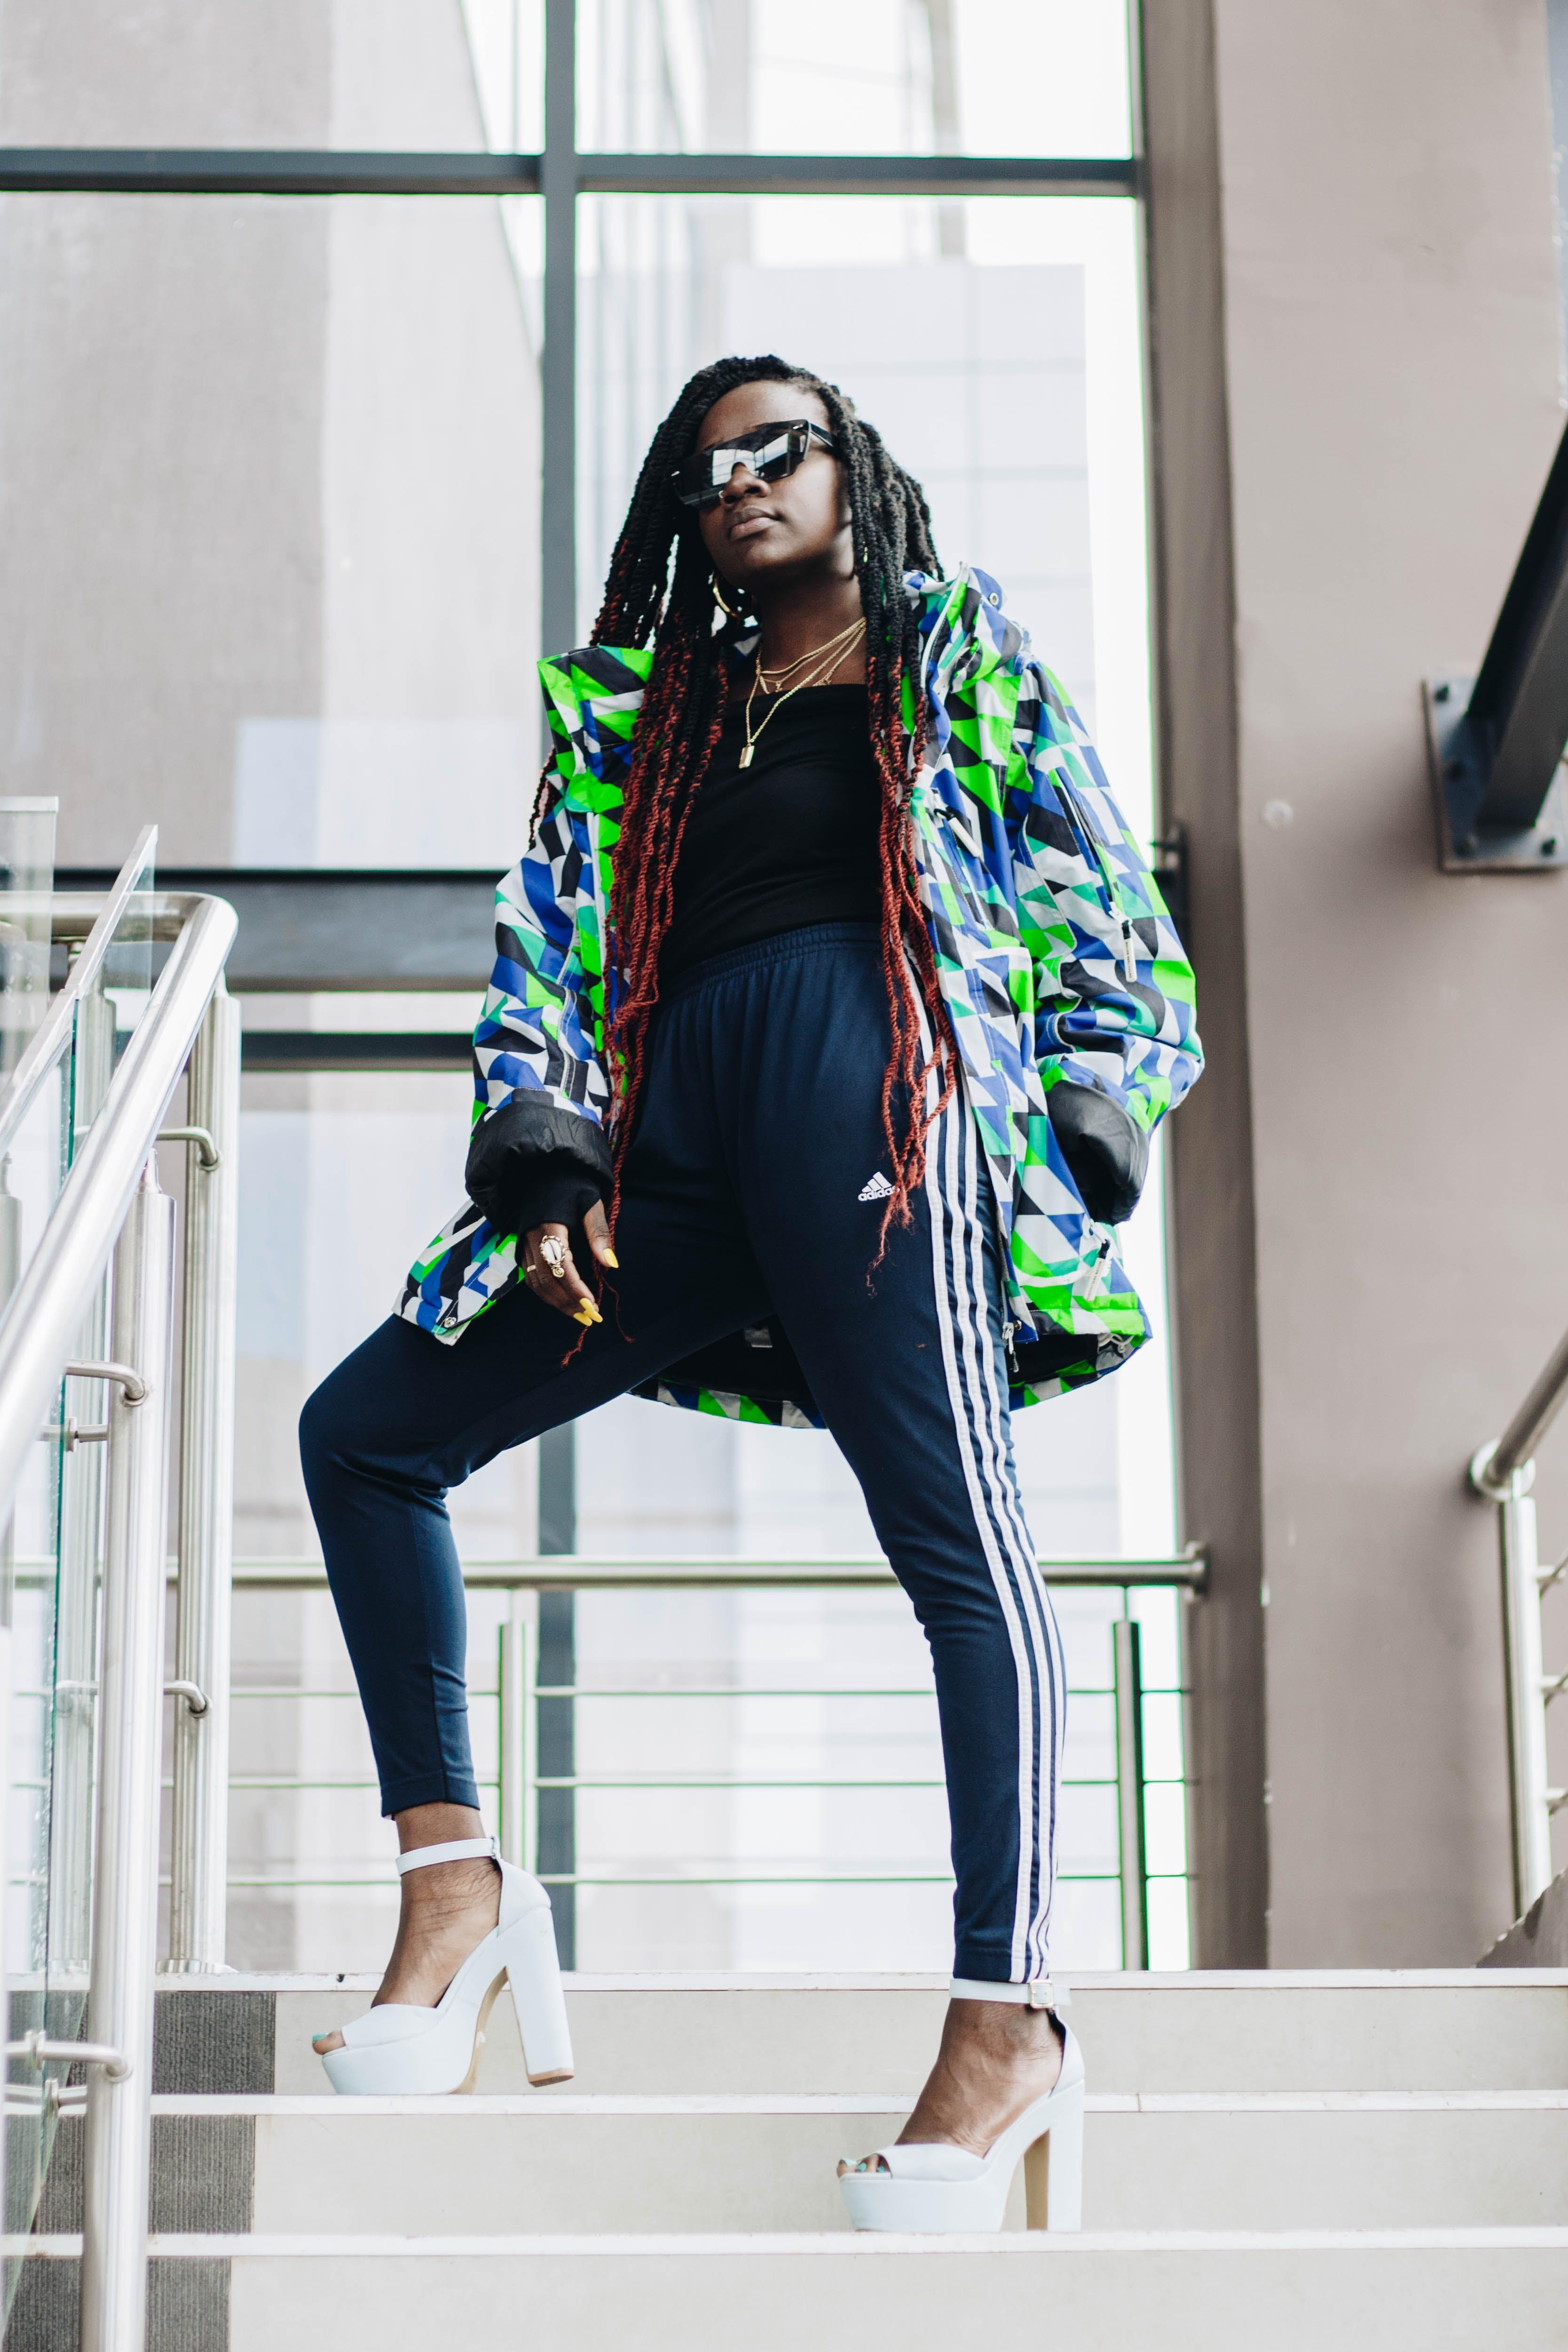 Ingyenes stockfotó afrikai nő, afro-amerikai nő, divat, divatos témában